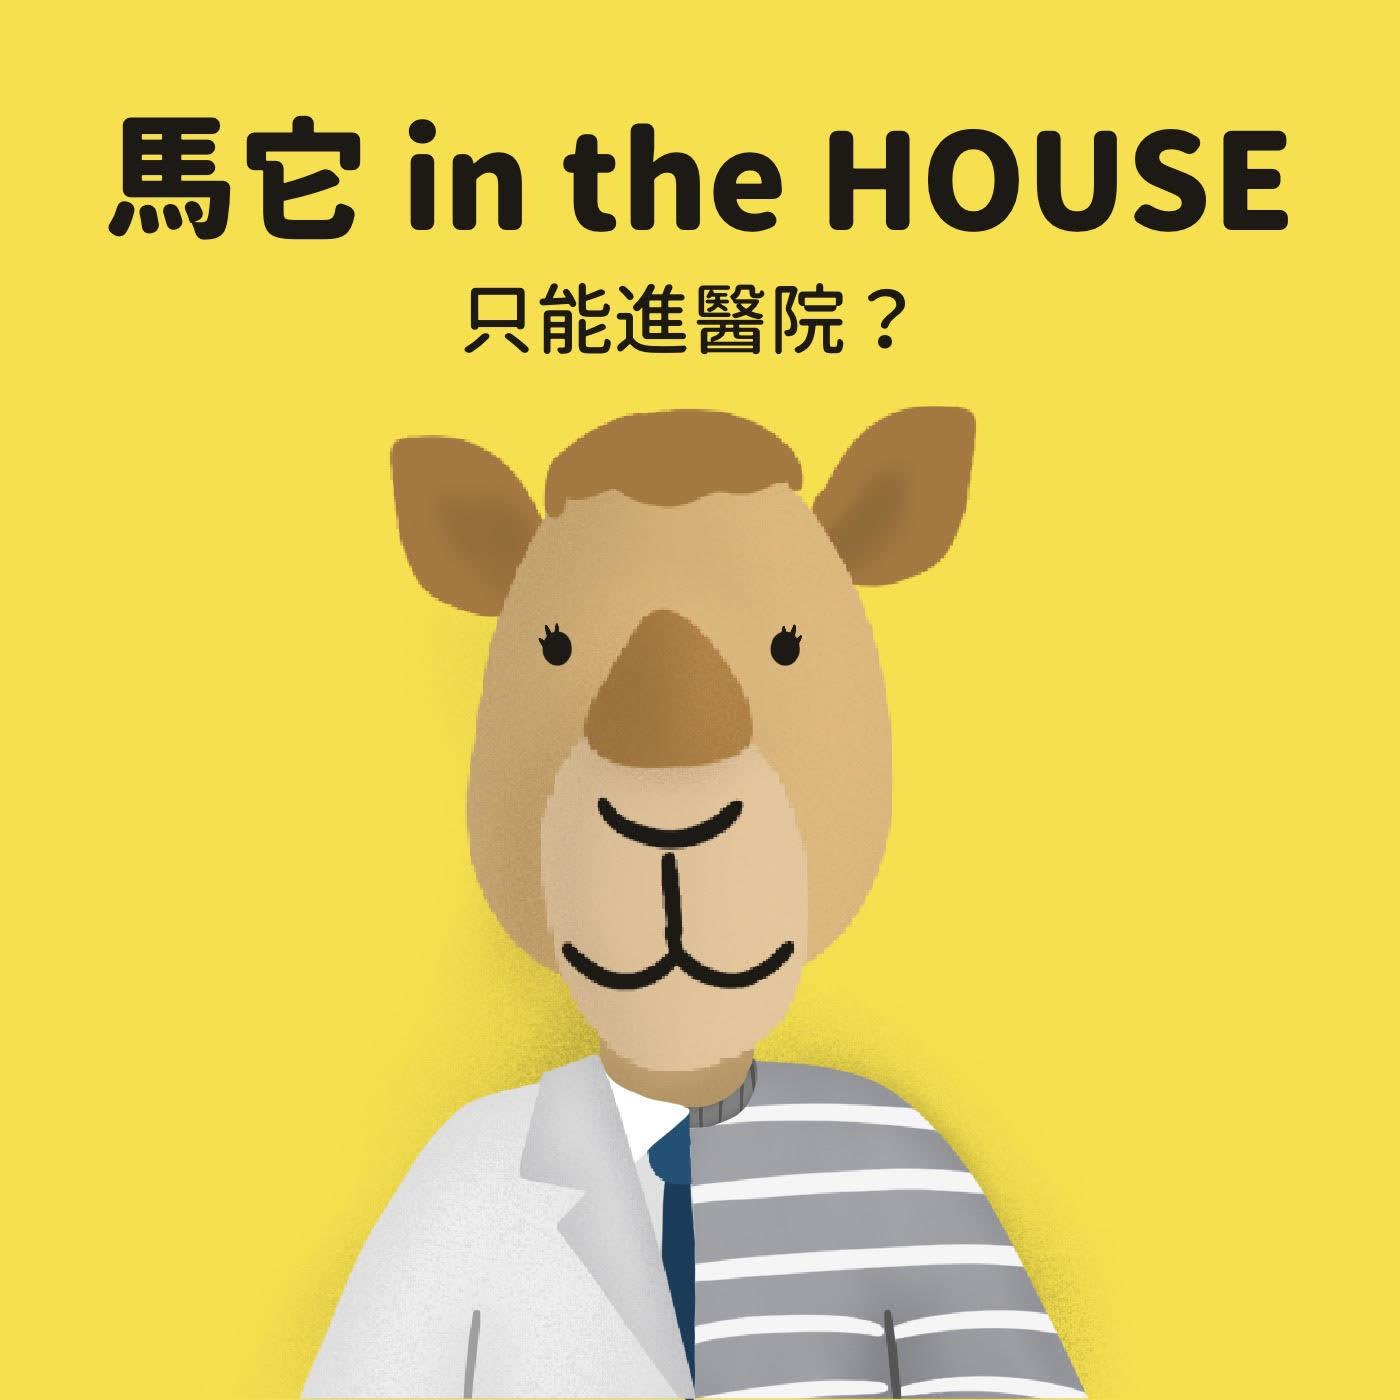 馬它 in the HOUSE - 只能進醫院?